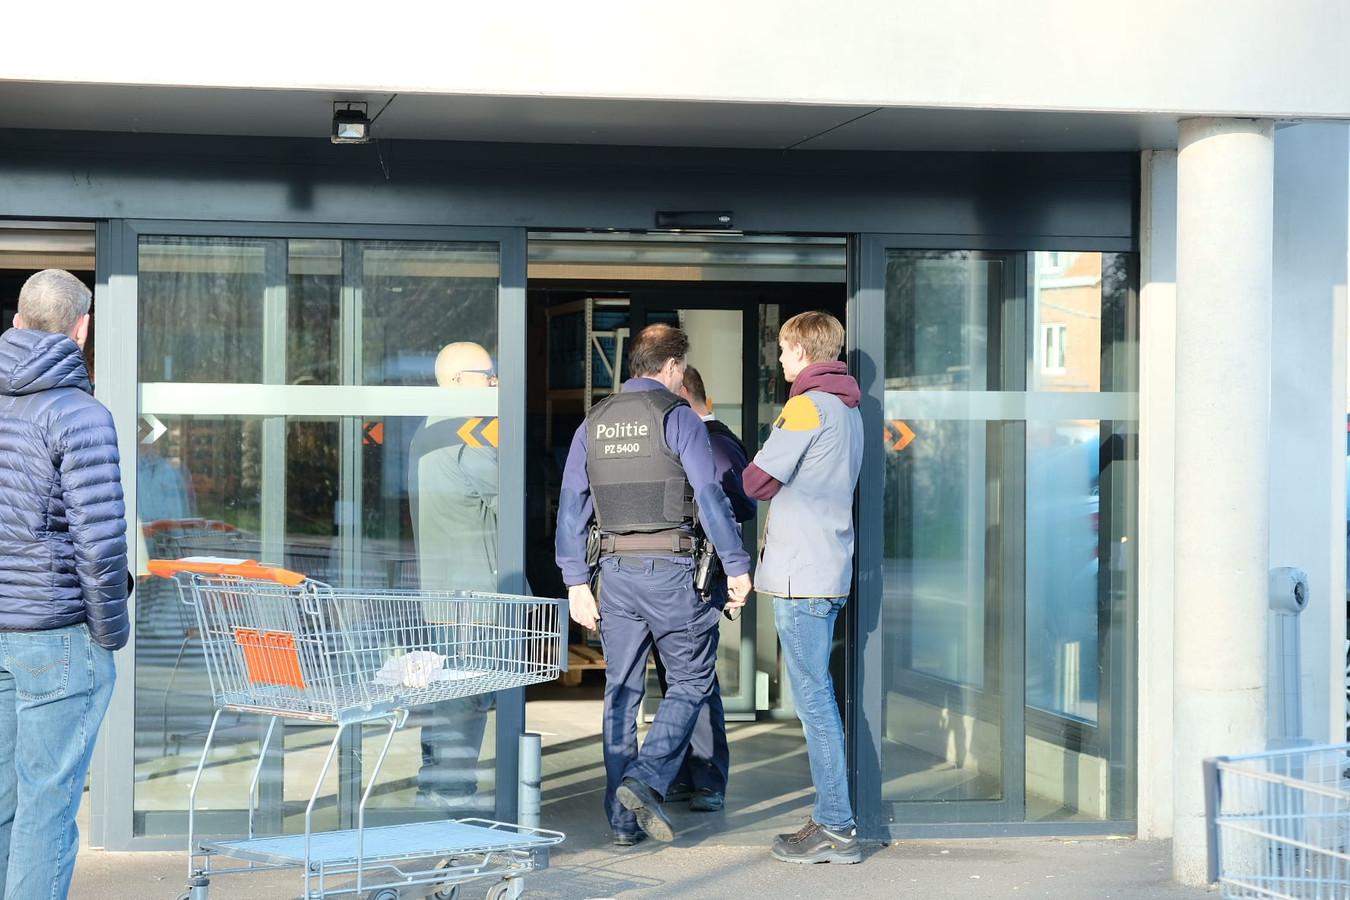 La police a dû intervenir mercredi matin, quelques heures avant le confinement